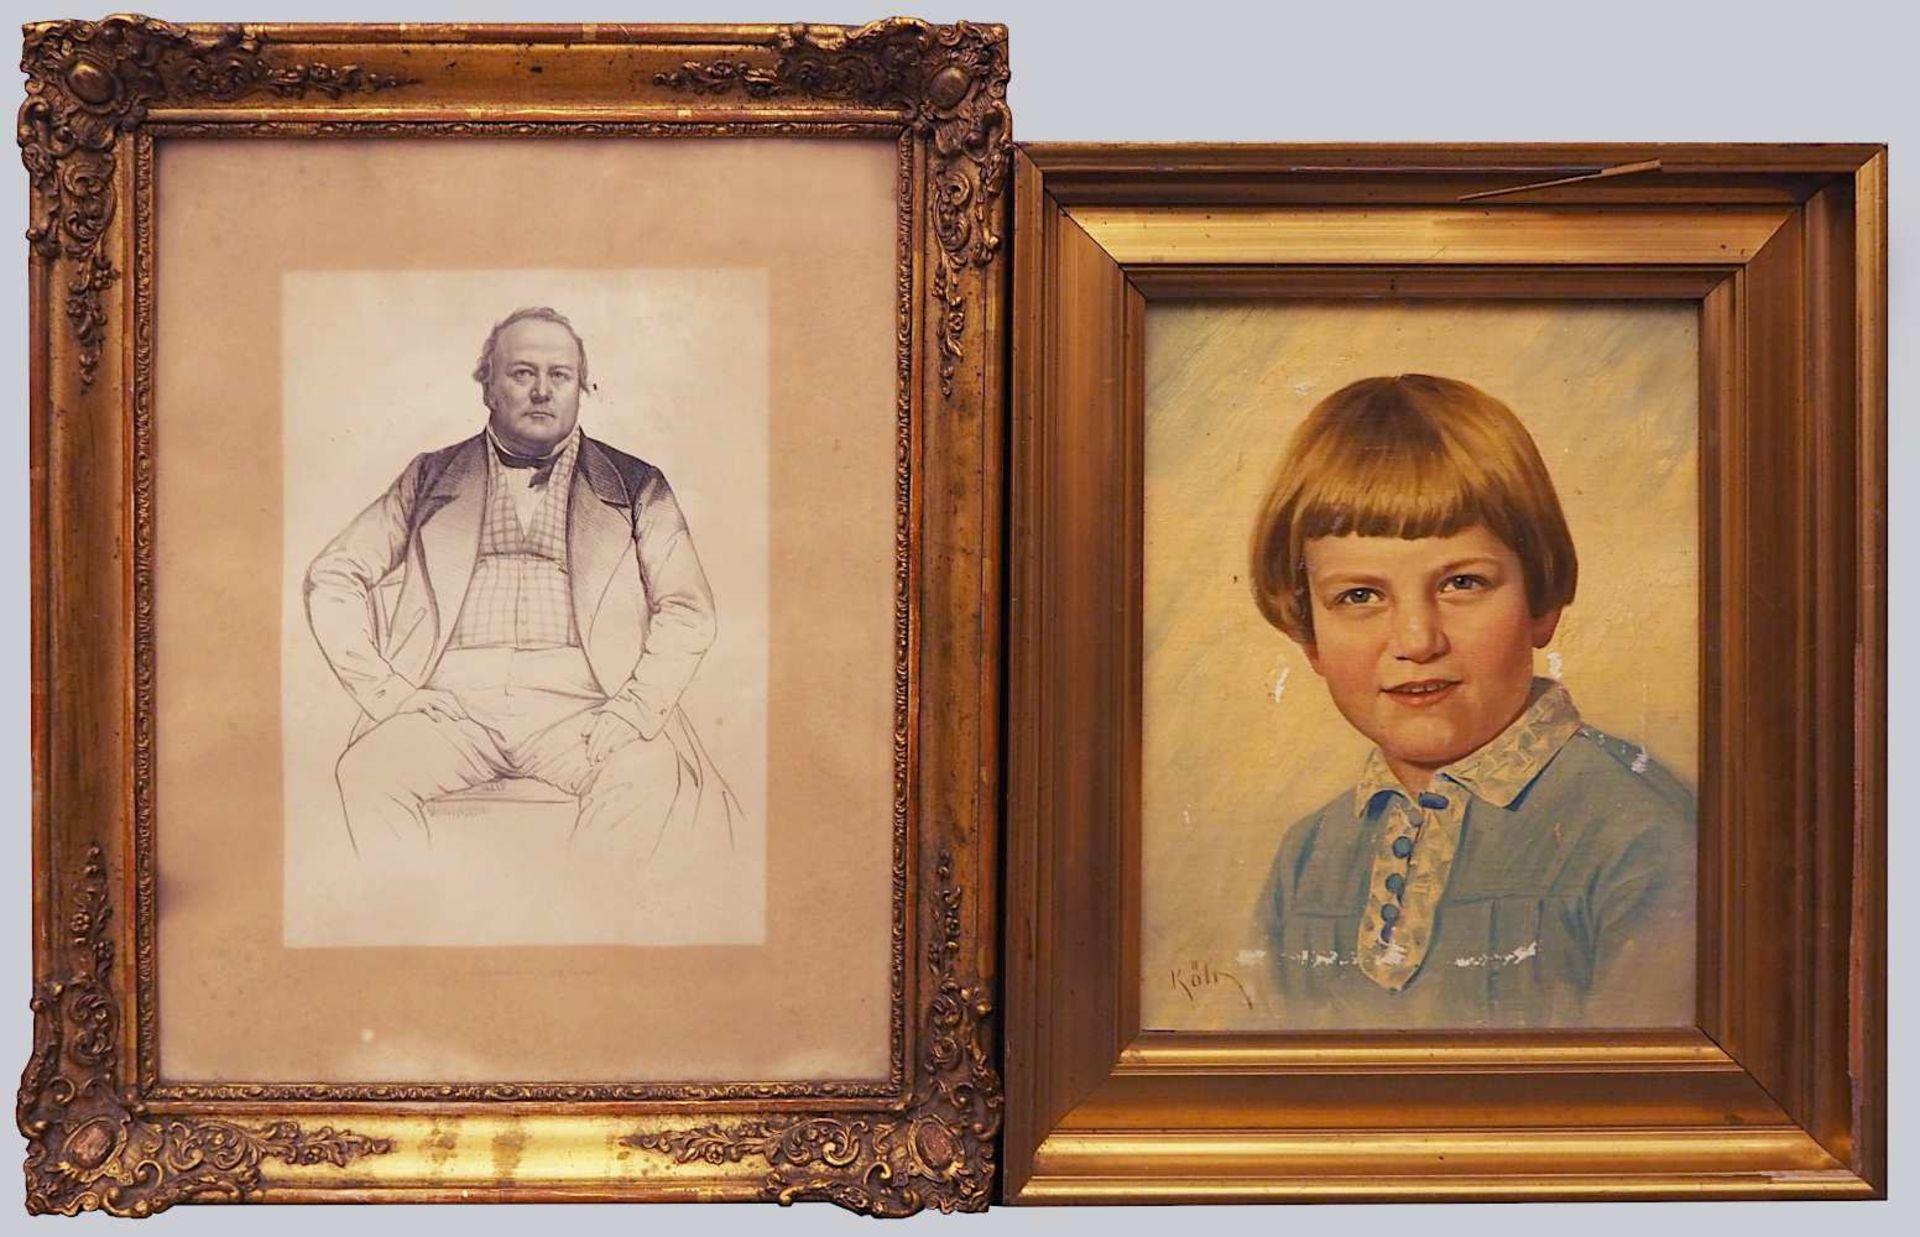 1 Konvolut Ölgemälde u.a.: Portraits von versch. Persönlichkeiten/versch. Künstler: <br - Bild 3 aus 4